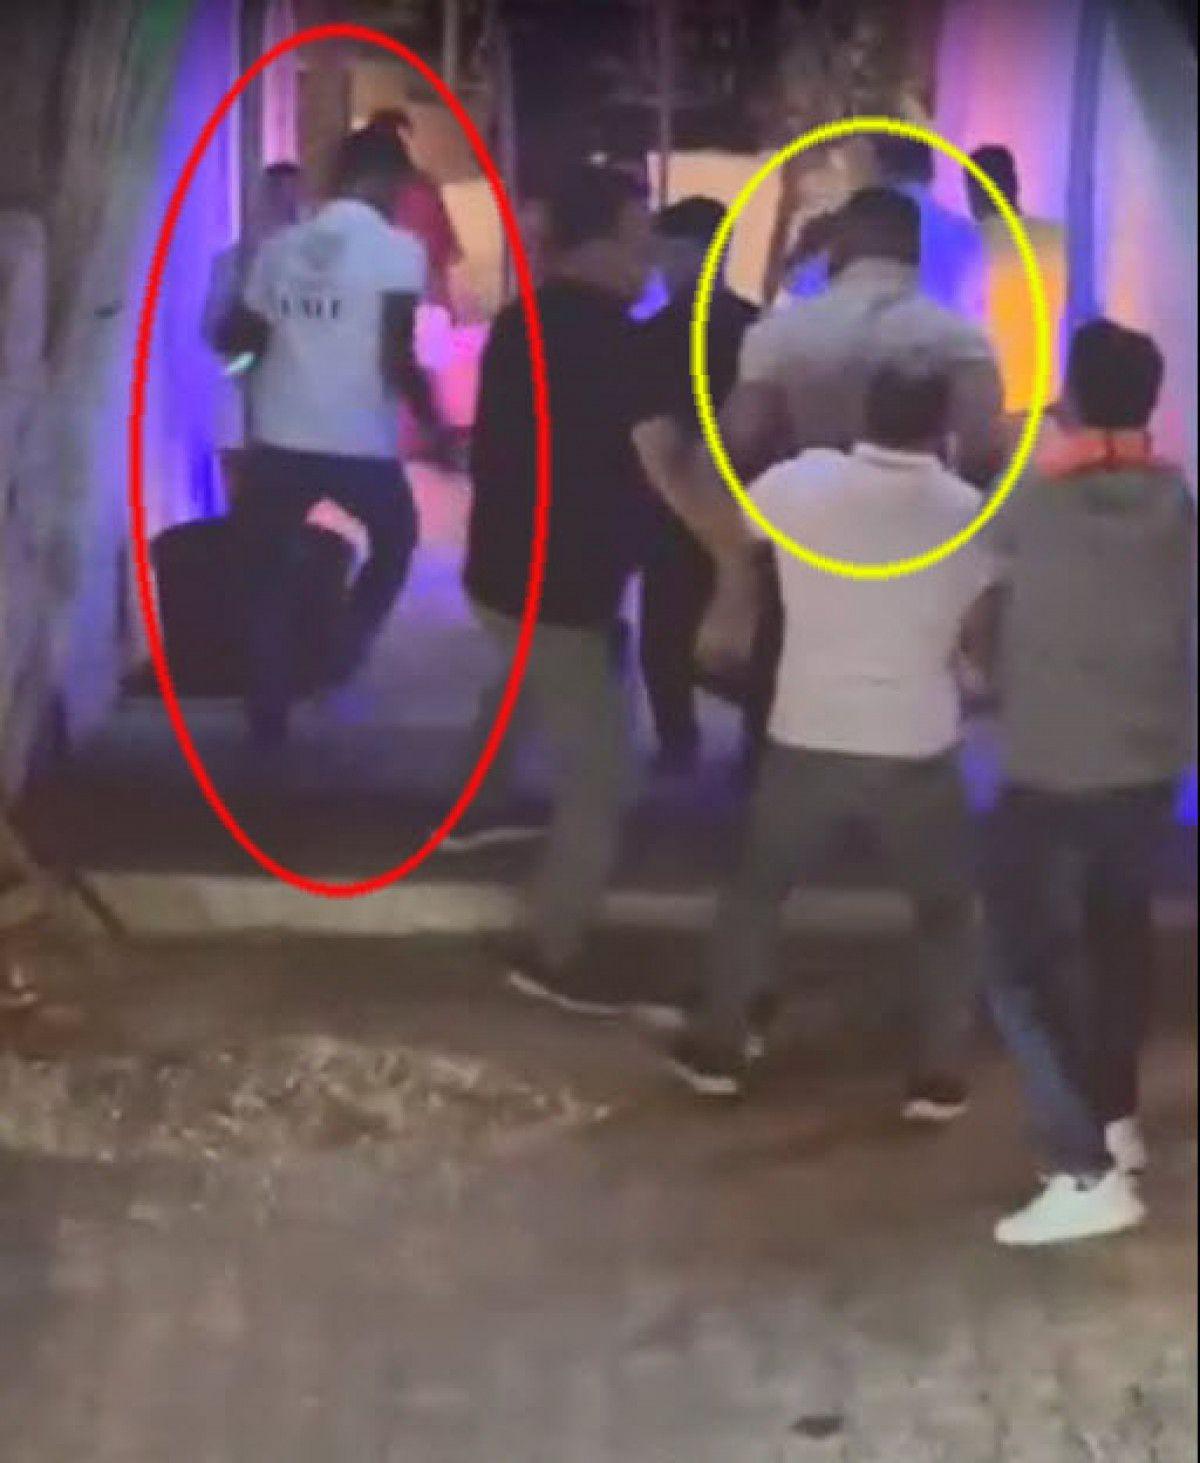 Çeşme de gece kulübündeki kavgada 1 kişinin öldürülme anı kamerada #7